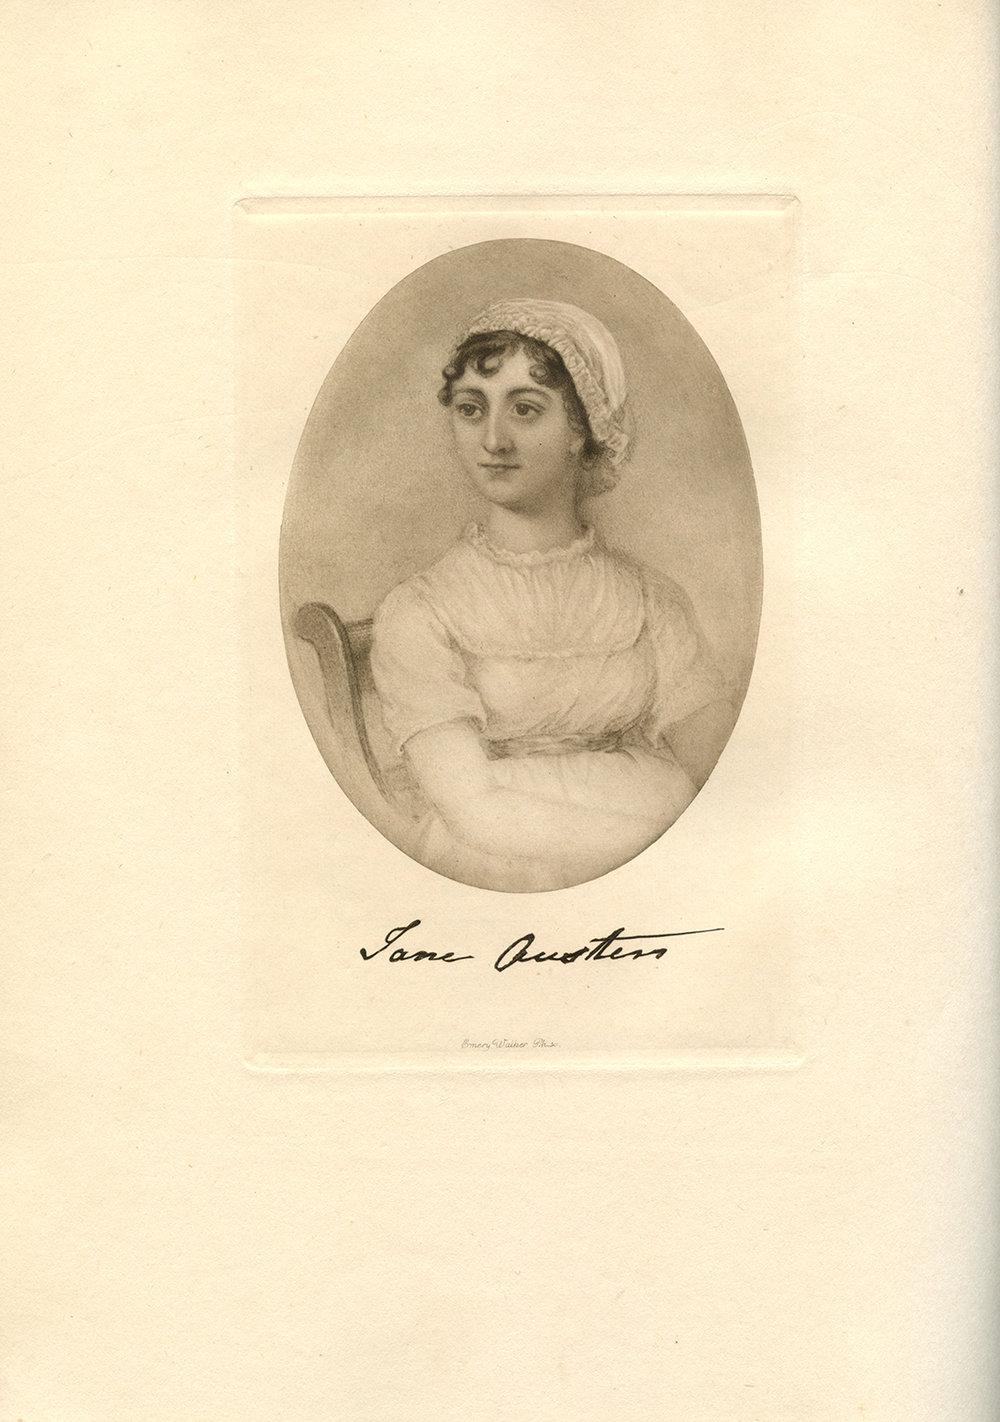 Jane Austen.  Credit: Caroline Jane Knight.